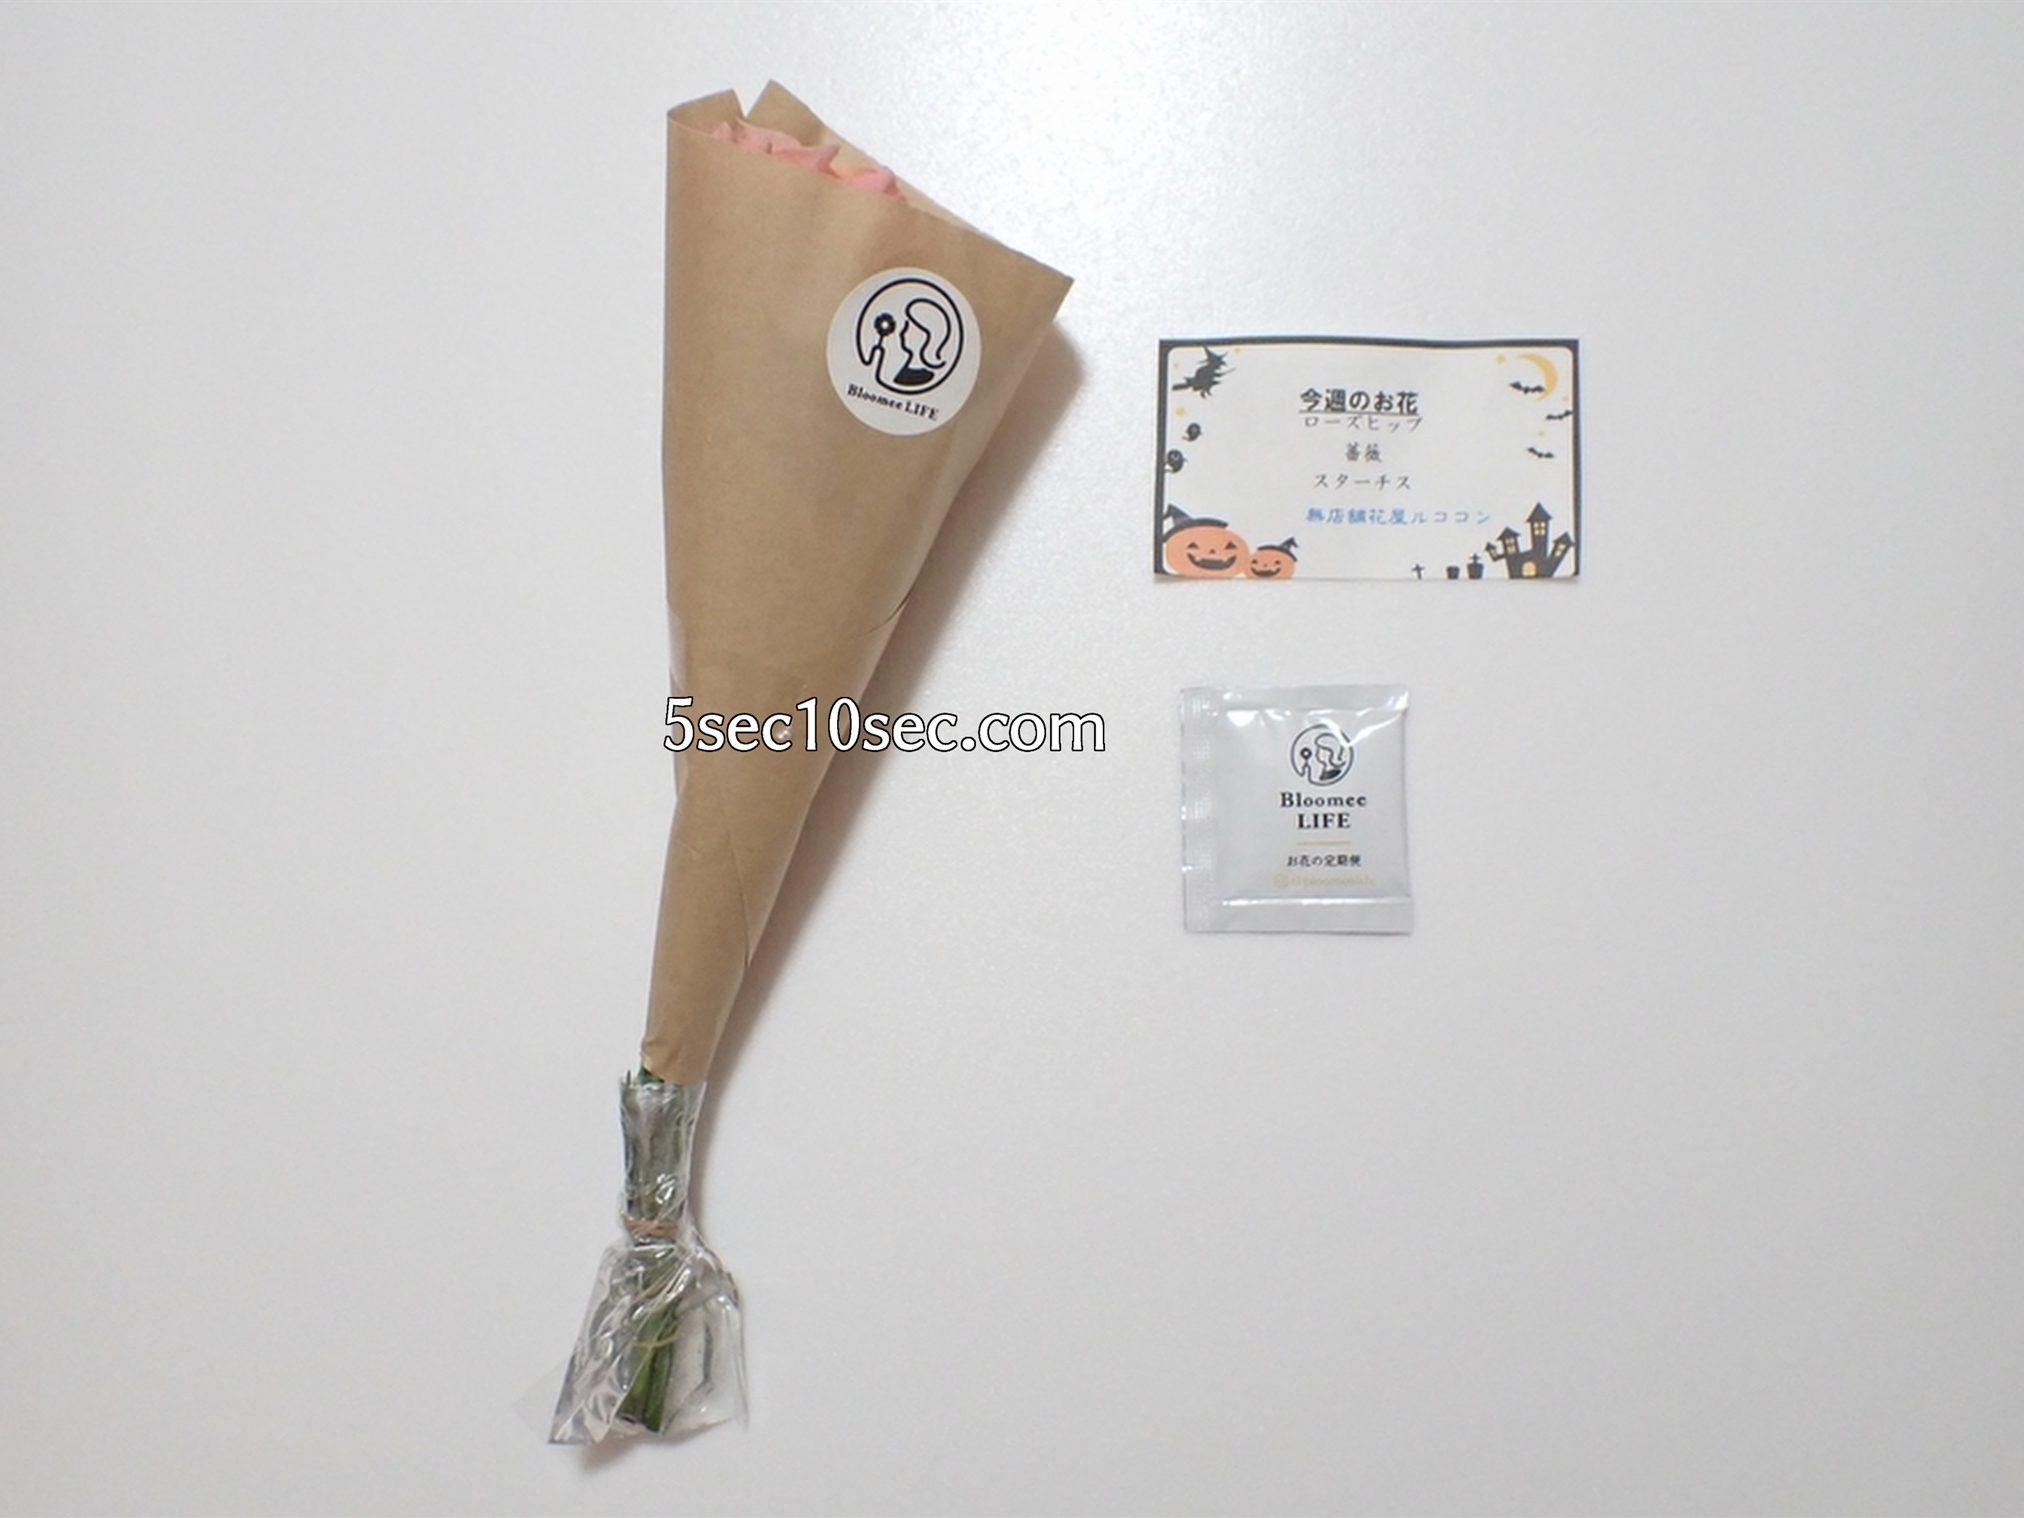 株式会社Crunch Style お花の定期便 Bloomee LIFE ブルーミーライフ 500円(税別・送料別)の体験プラン 届いたものの全て